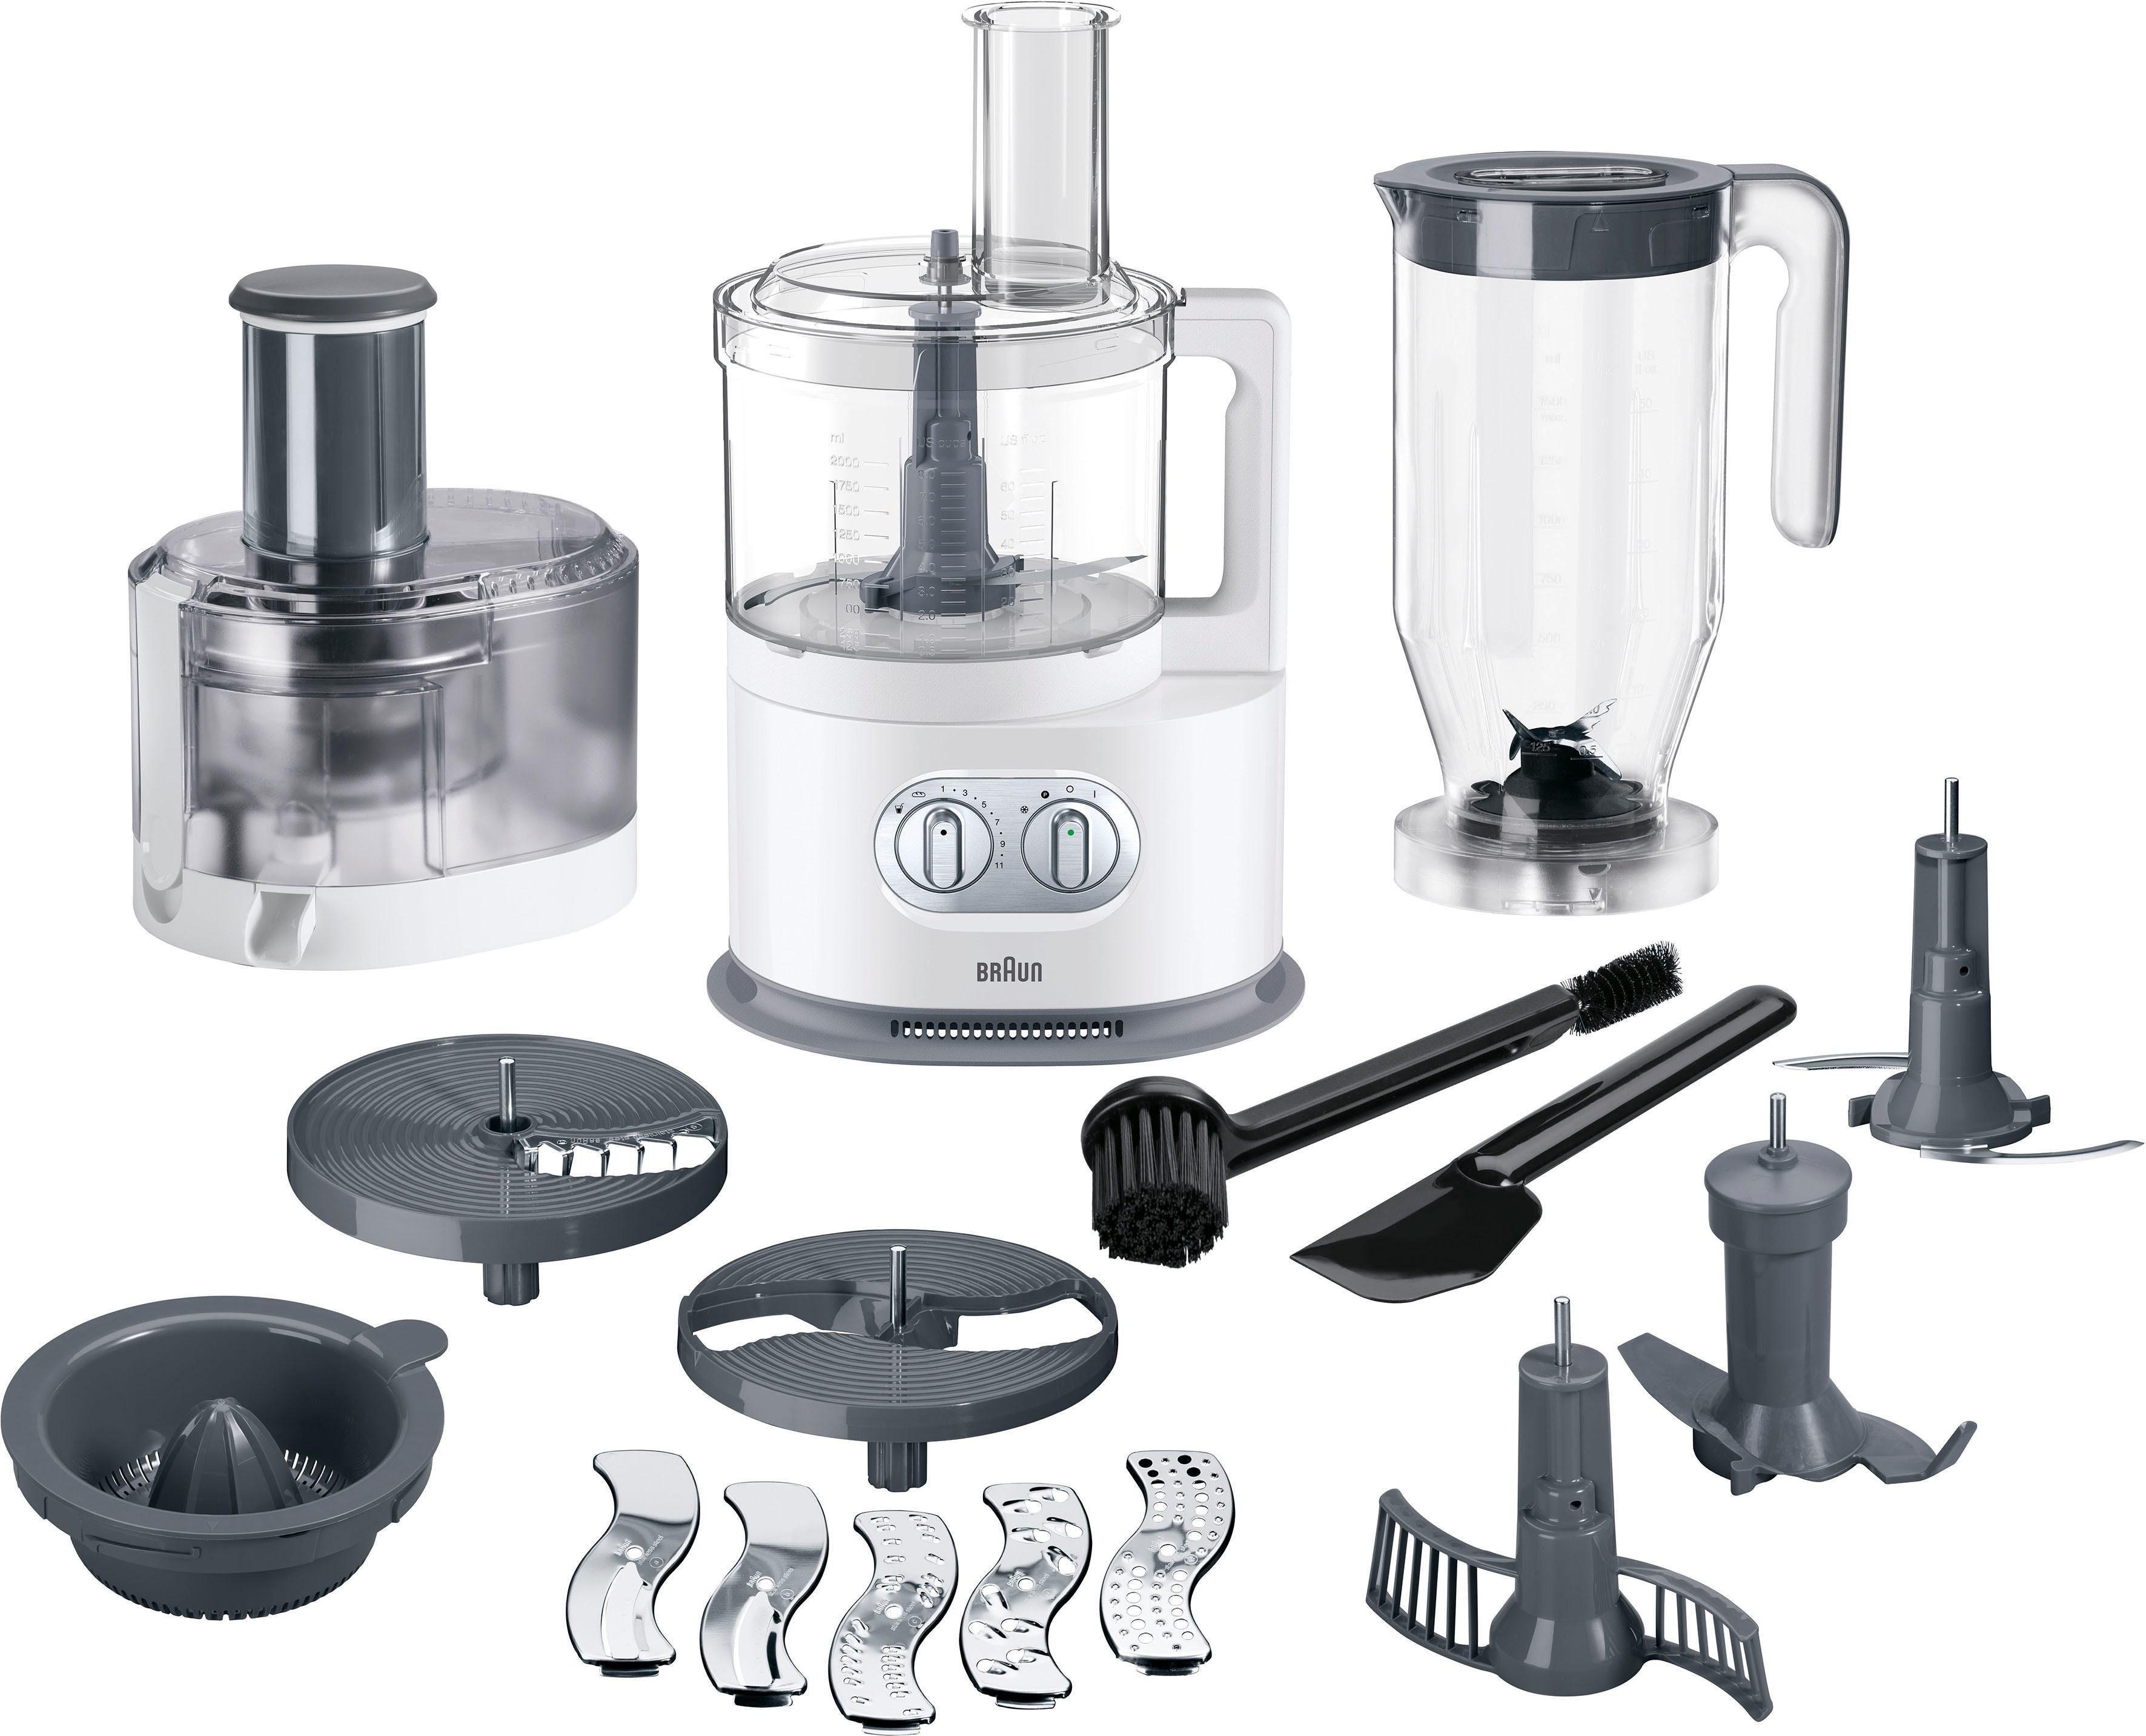 Braun Küchenmaschine mit Kochfunktion FP 5160, 1000 W, 2 l Schüssel